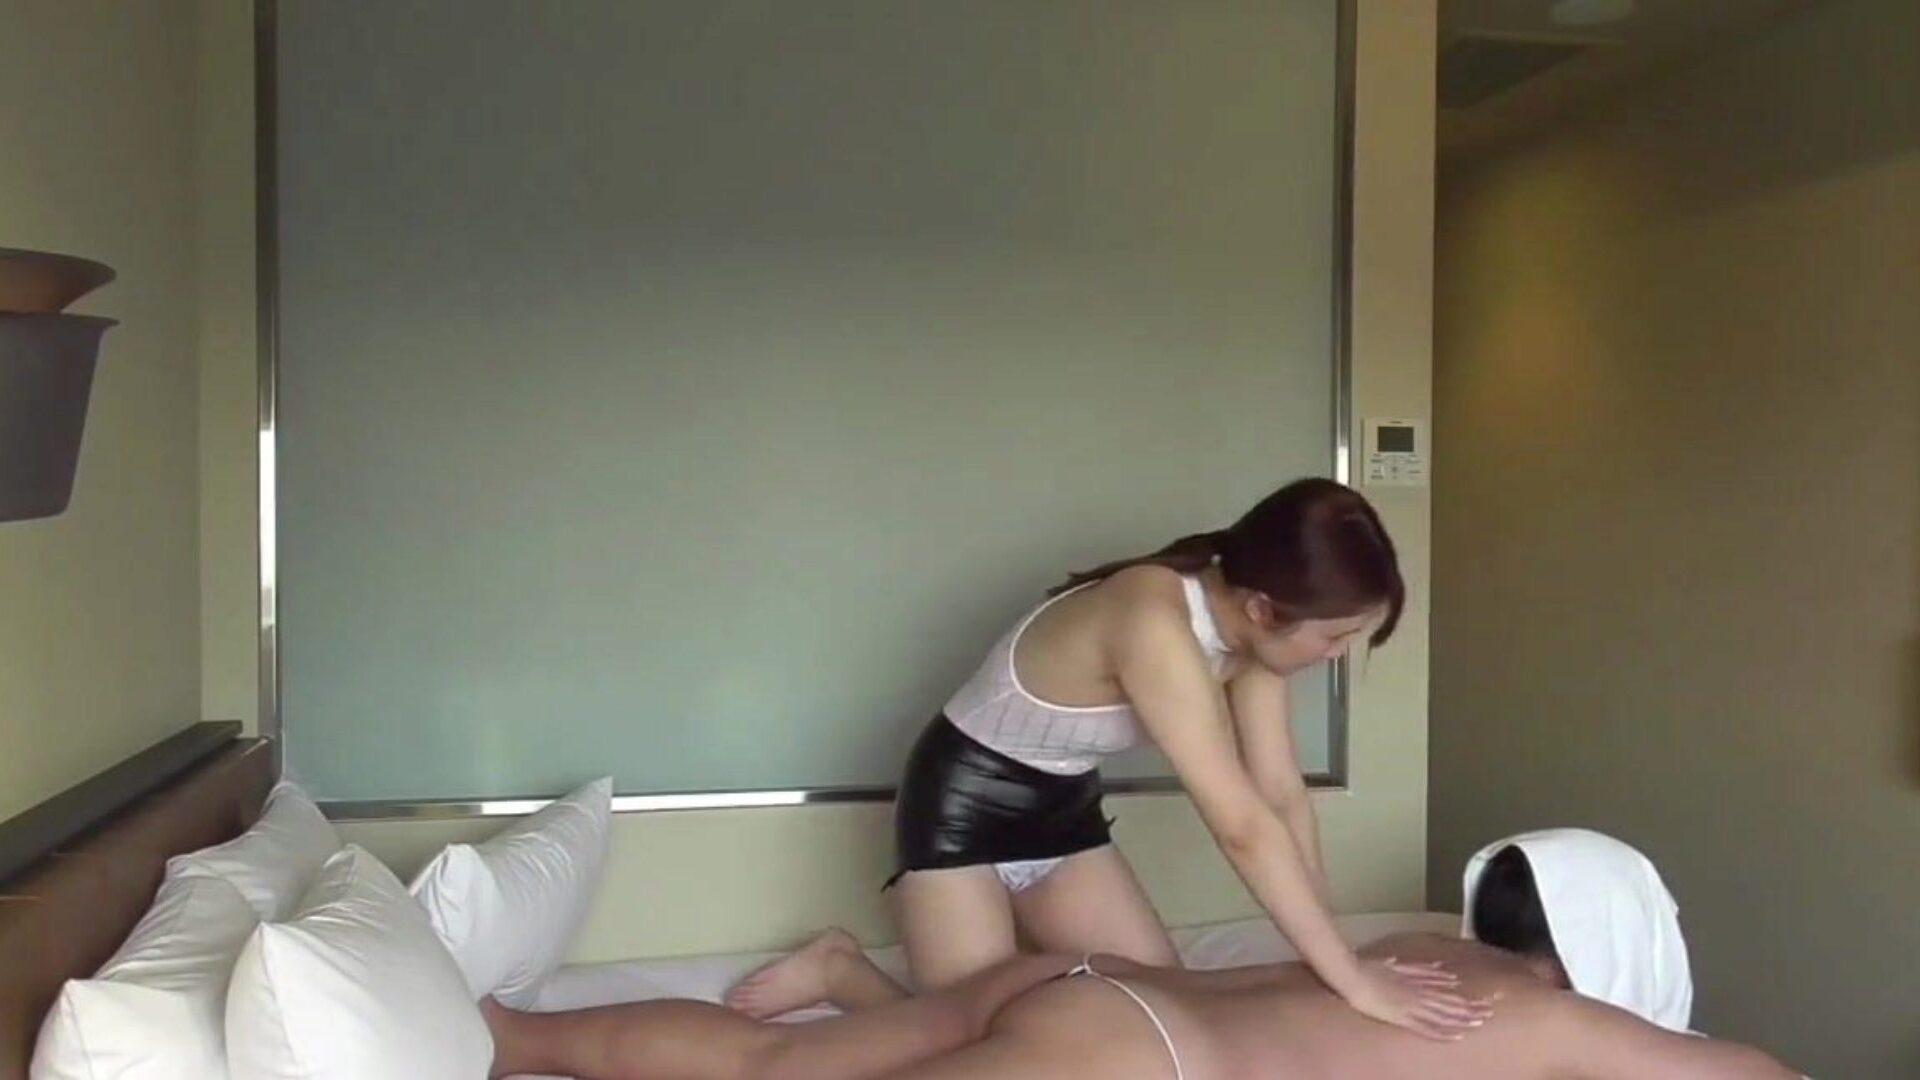 Porn massage porn Massage Porn